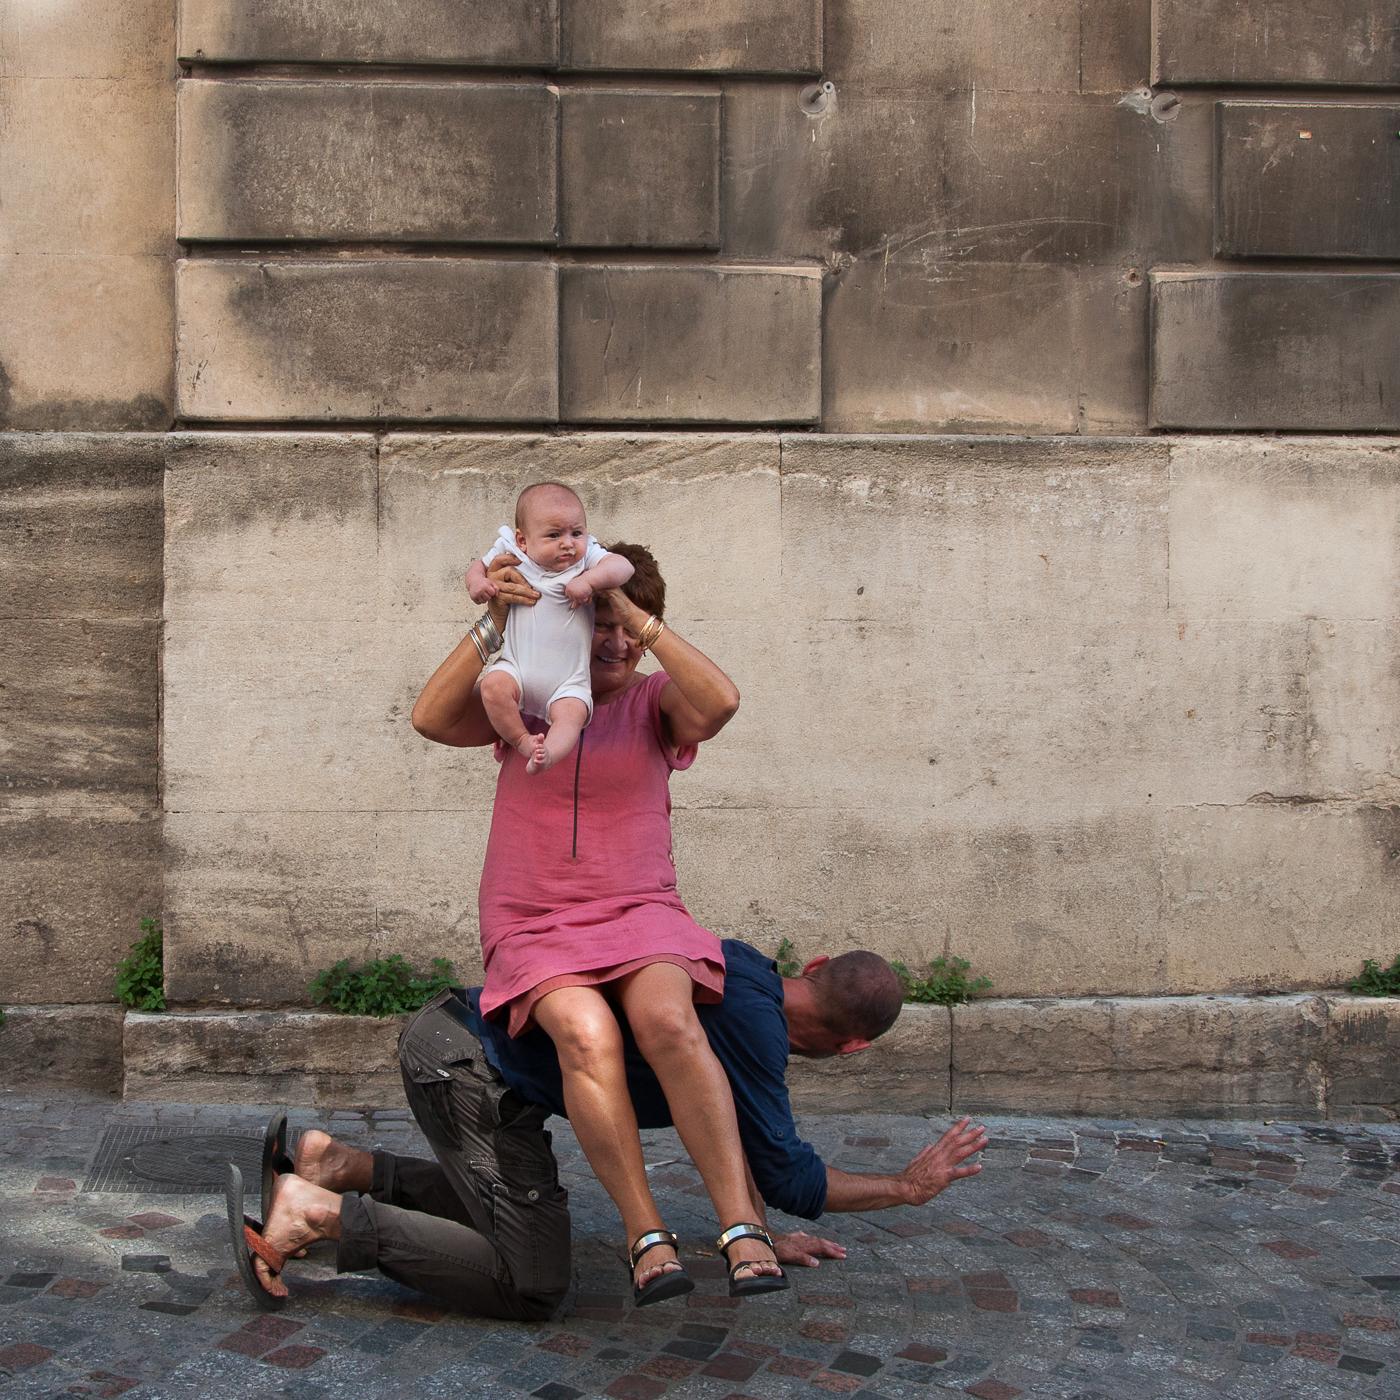 Arles_2015_-_Double_portage_de_bébé